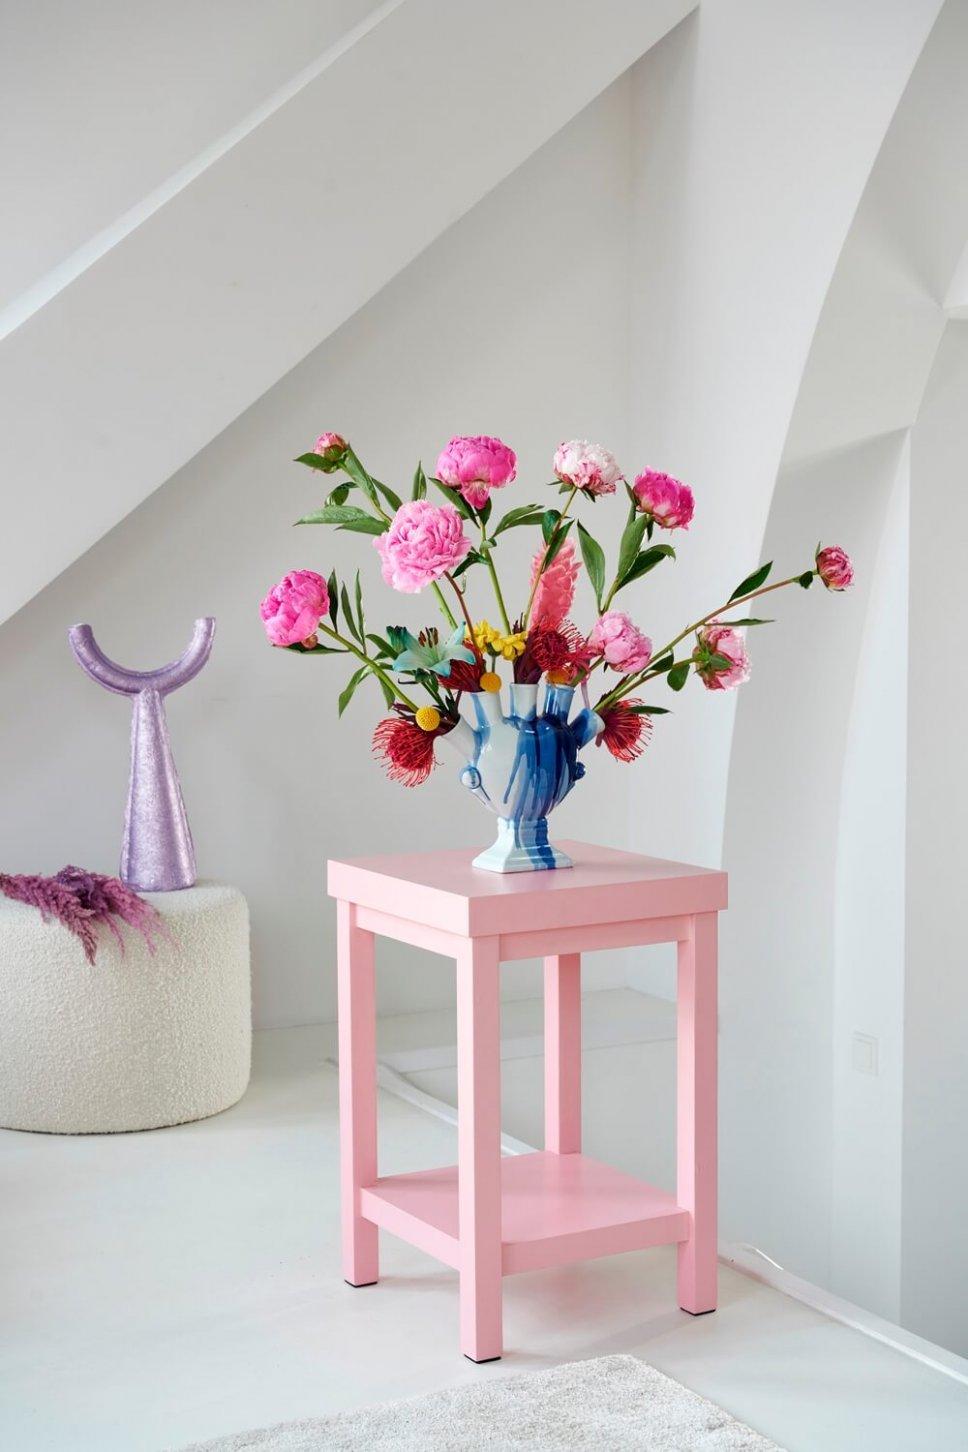 Moderner Wohnraum mit ausgefallener Vase, gefüllt mit Pfingstrosen